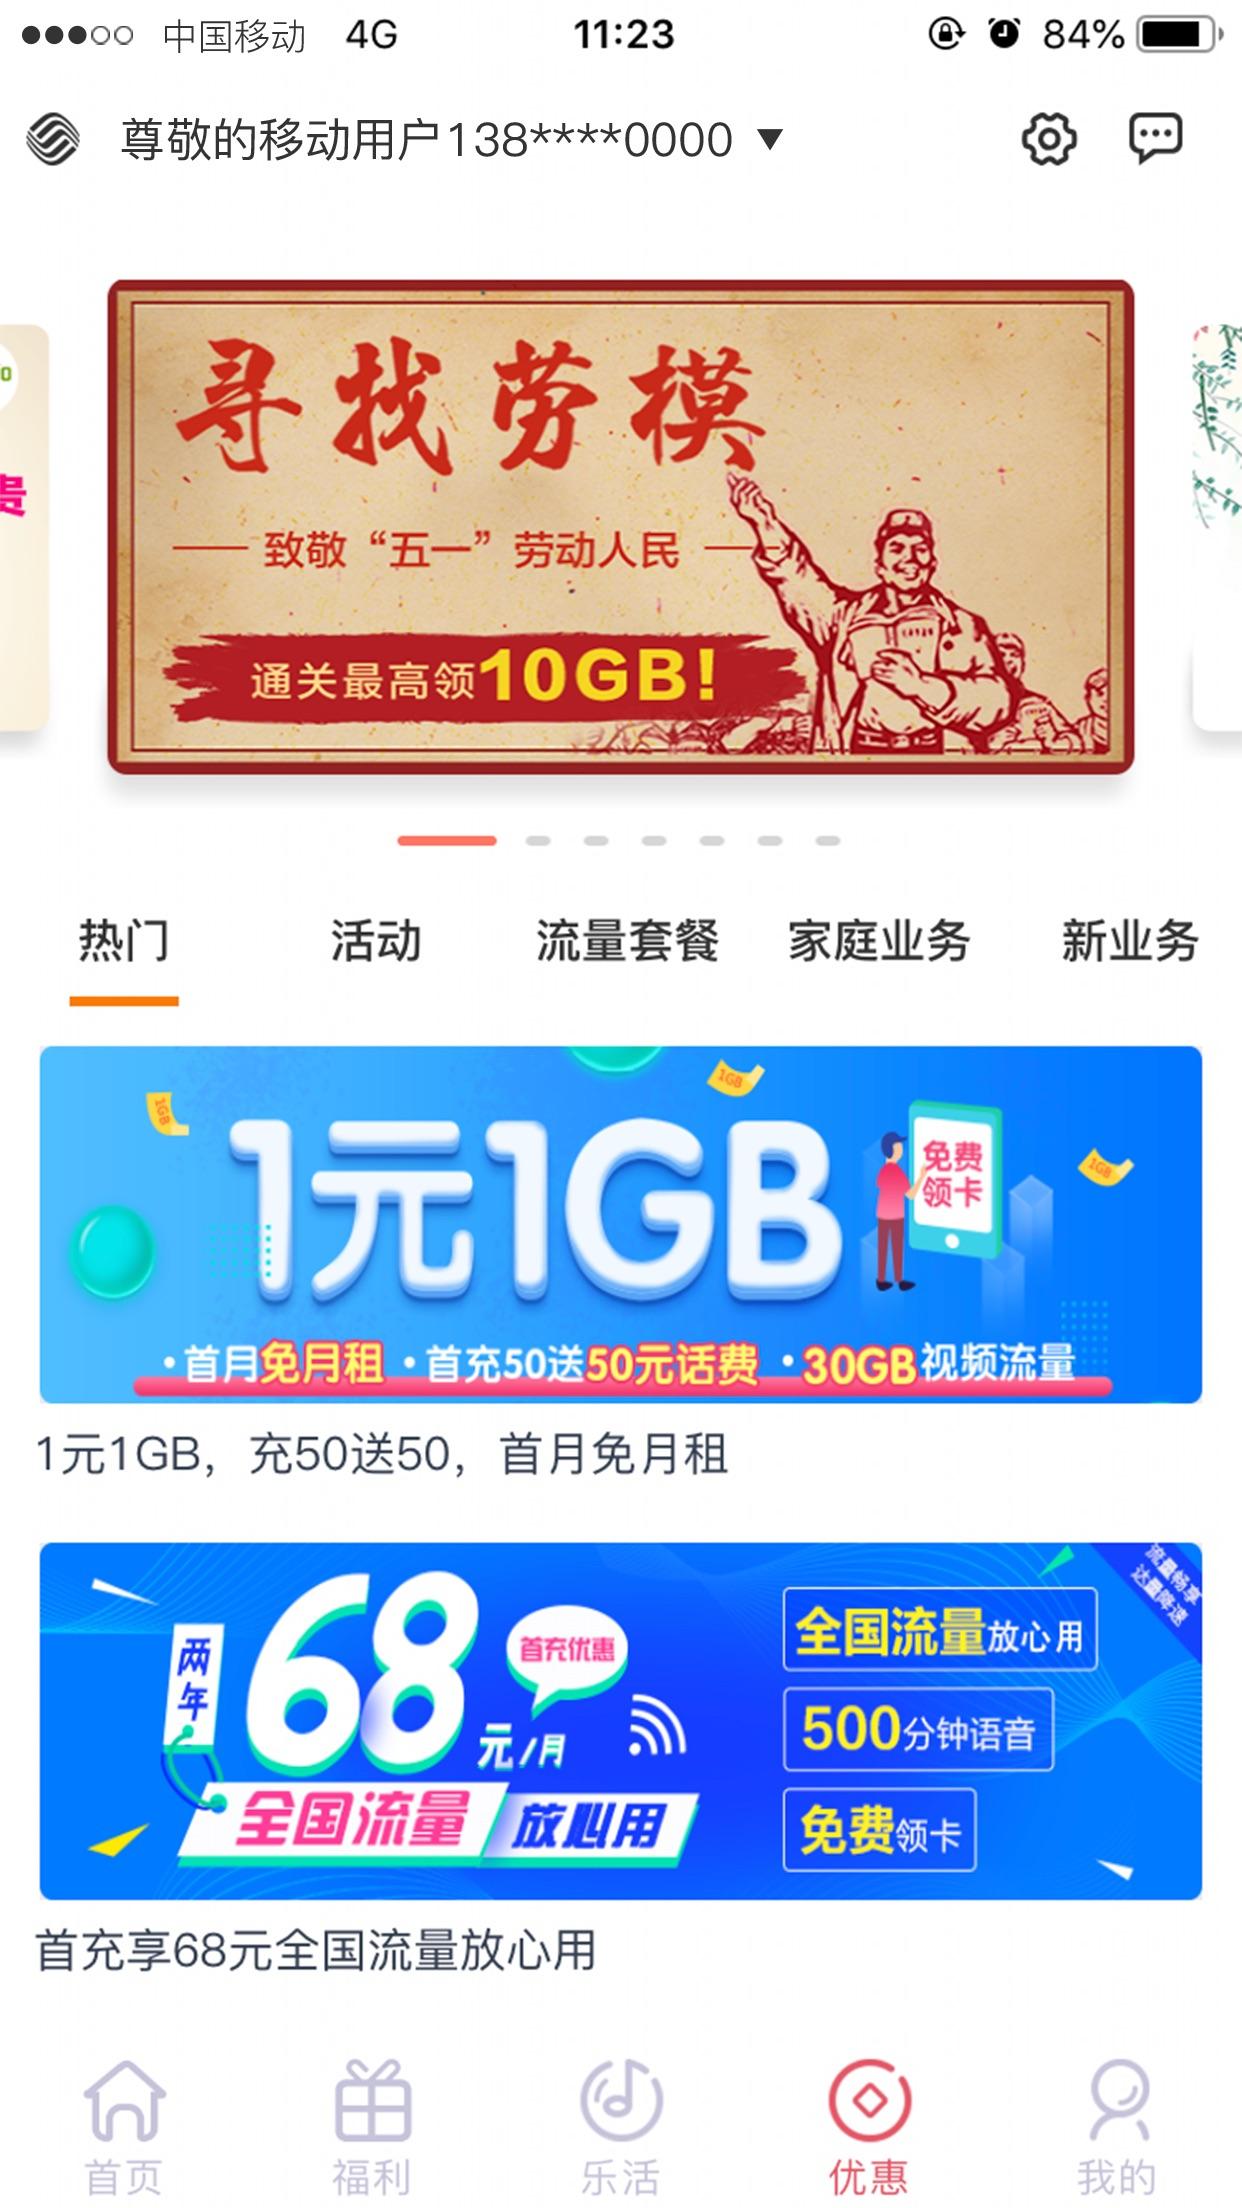 北京移动手机营业厅 Screenshot